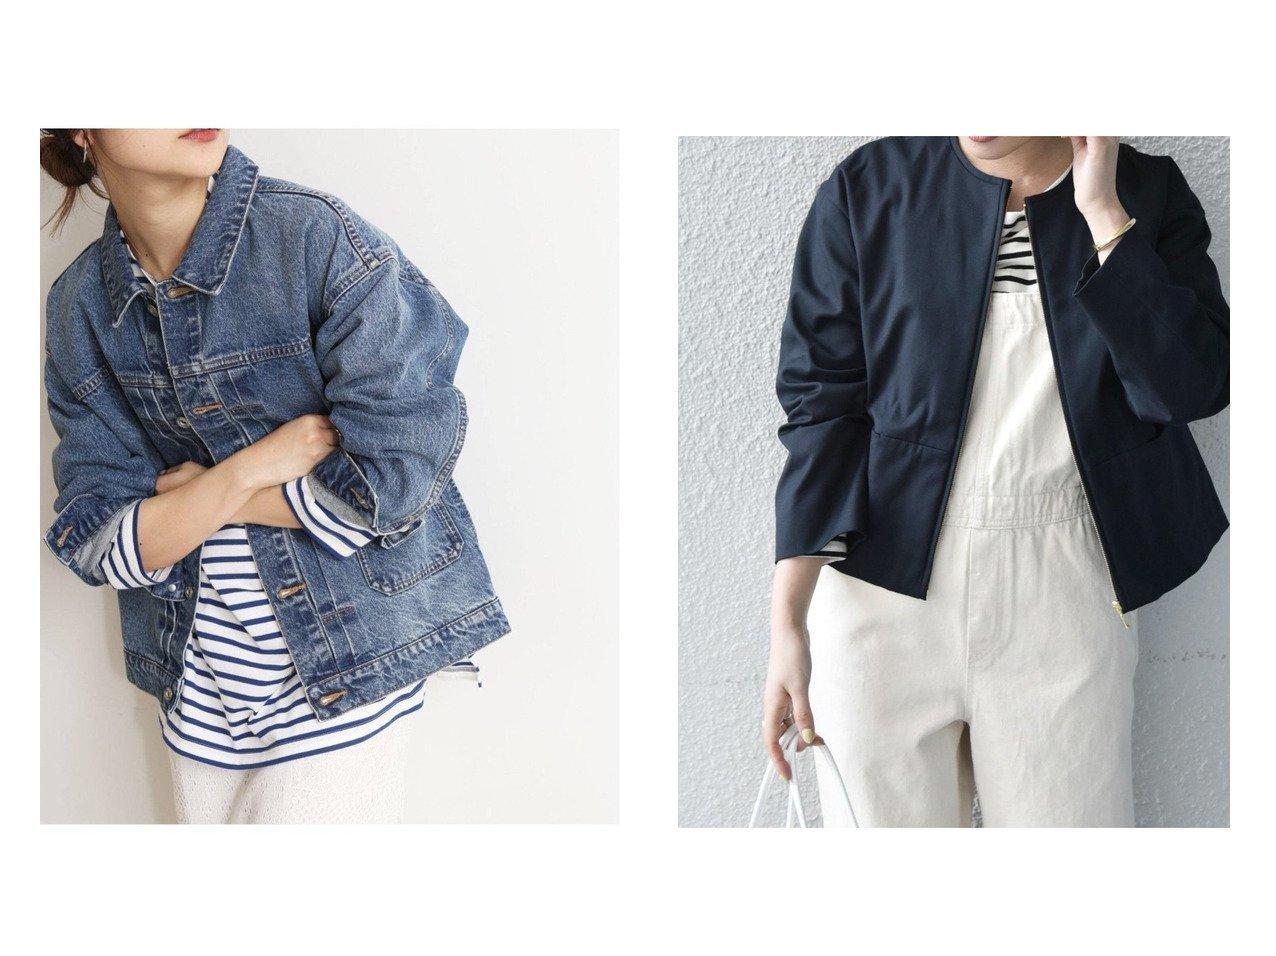 【SHIPS any/シップス エニィ】のSHIPS any オックスジップジャケット&【SLOBE IENA/スローブ イエナ】の追加2 LE DENIMMARITAS Gジャン 【アウター】おすすめ!人気、トレンド・レディースファッションの通販   おすすめで人気の流行・トレンド、ファッションの通販商品 メンズファッション・キッズファッション・インテリア・家具・レディースファッション・服の通販 founy(ファニー) https://founy.com/ ファッション Fashion レディースファッション WOMEN アウター Coat Outerwear コート Coats ジャケット Jackets デニムジャケット Denim Jackets ノーカラージャケット No Collar Leather Jackets NEW・新作・新着・新入荷 New Arrivals 2021年 2021 2021春夏・S/S SS/Spring/Summer/2021 S/S・春夏 SS・Spring/Summer ジャケット デニム 再入荷 Restock/Back in Stock/Re Arrival おすすめ Recommend セットアップ フォルム |ID:crp329100000033997